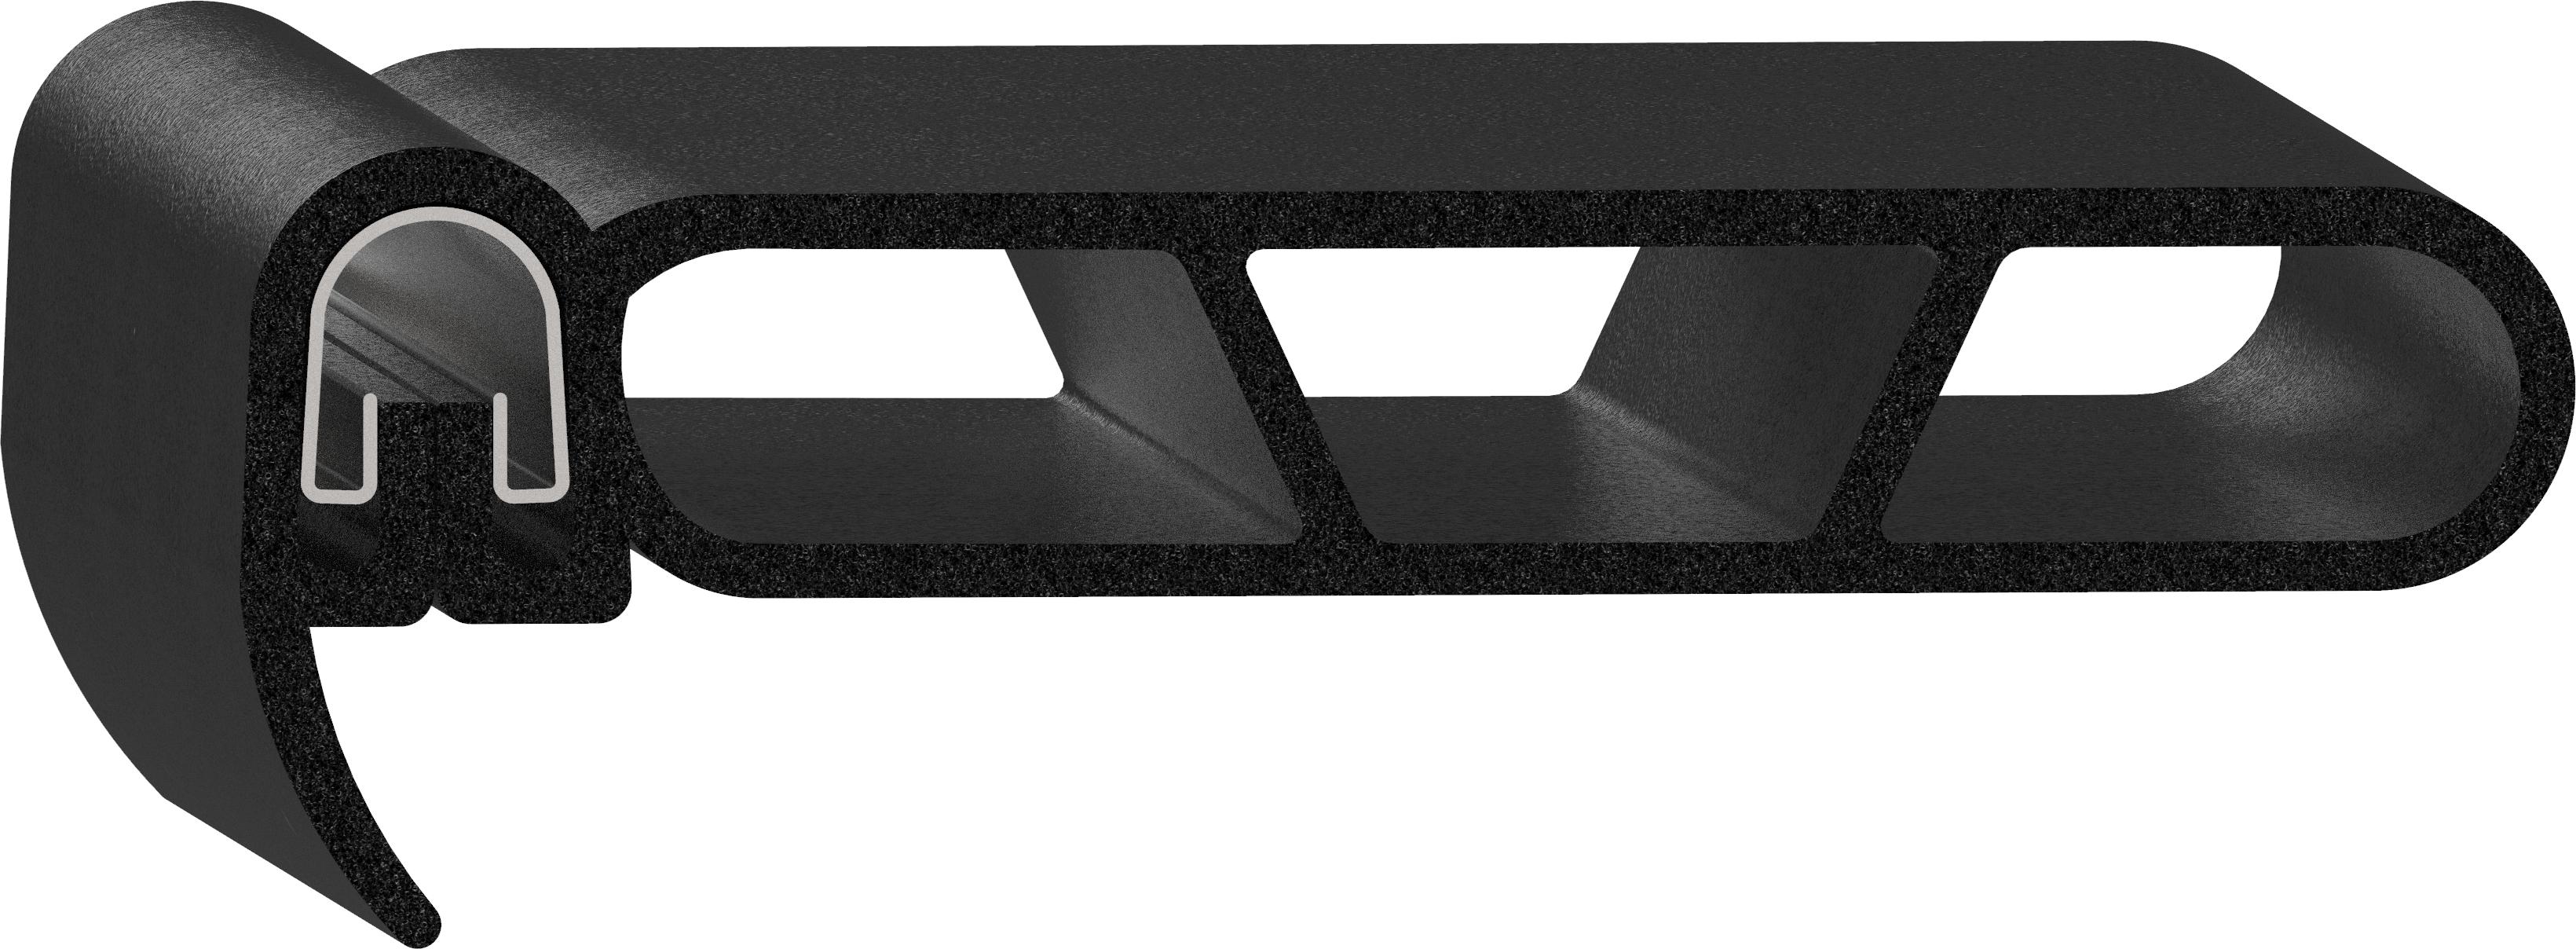 Uni-Grip part: SD-509 Flap